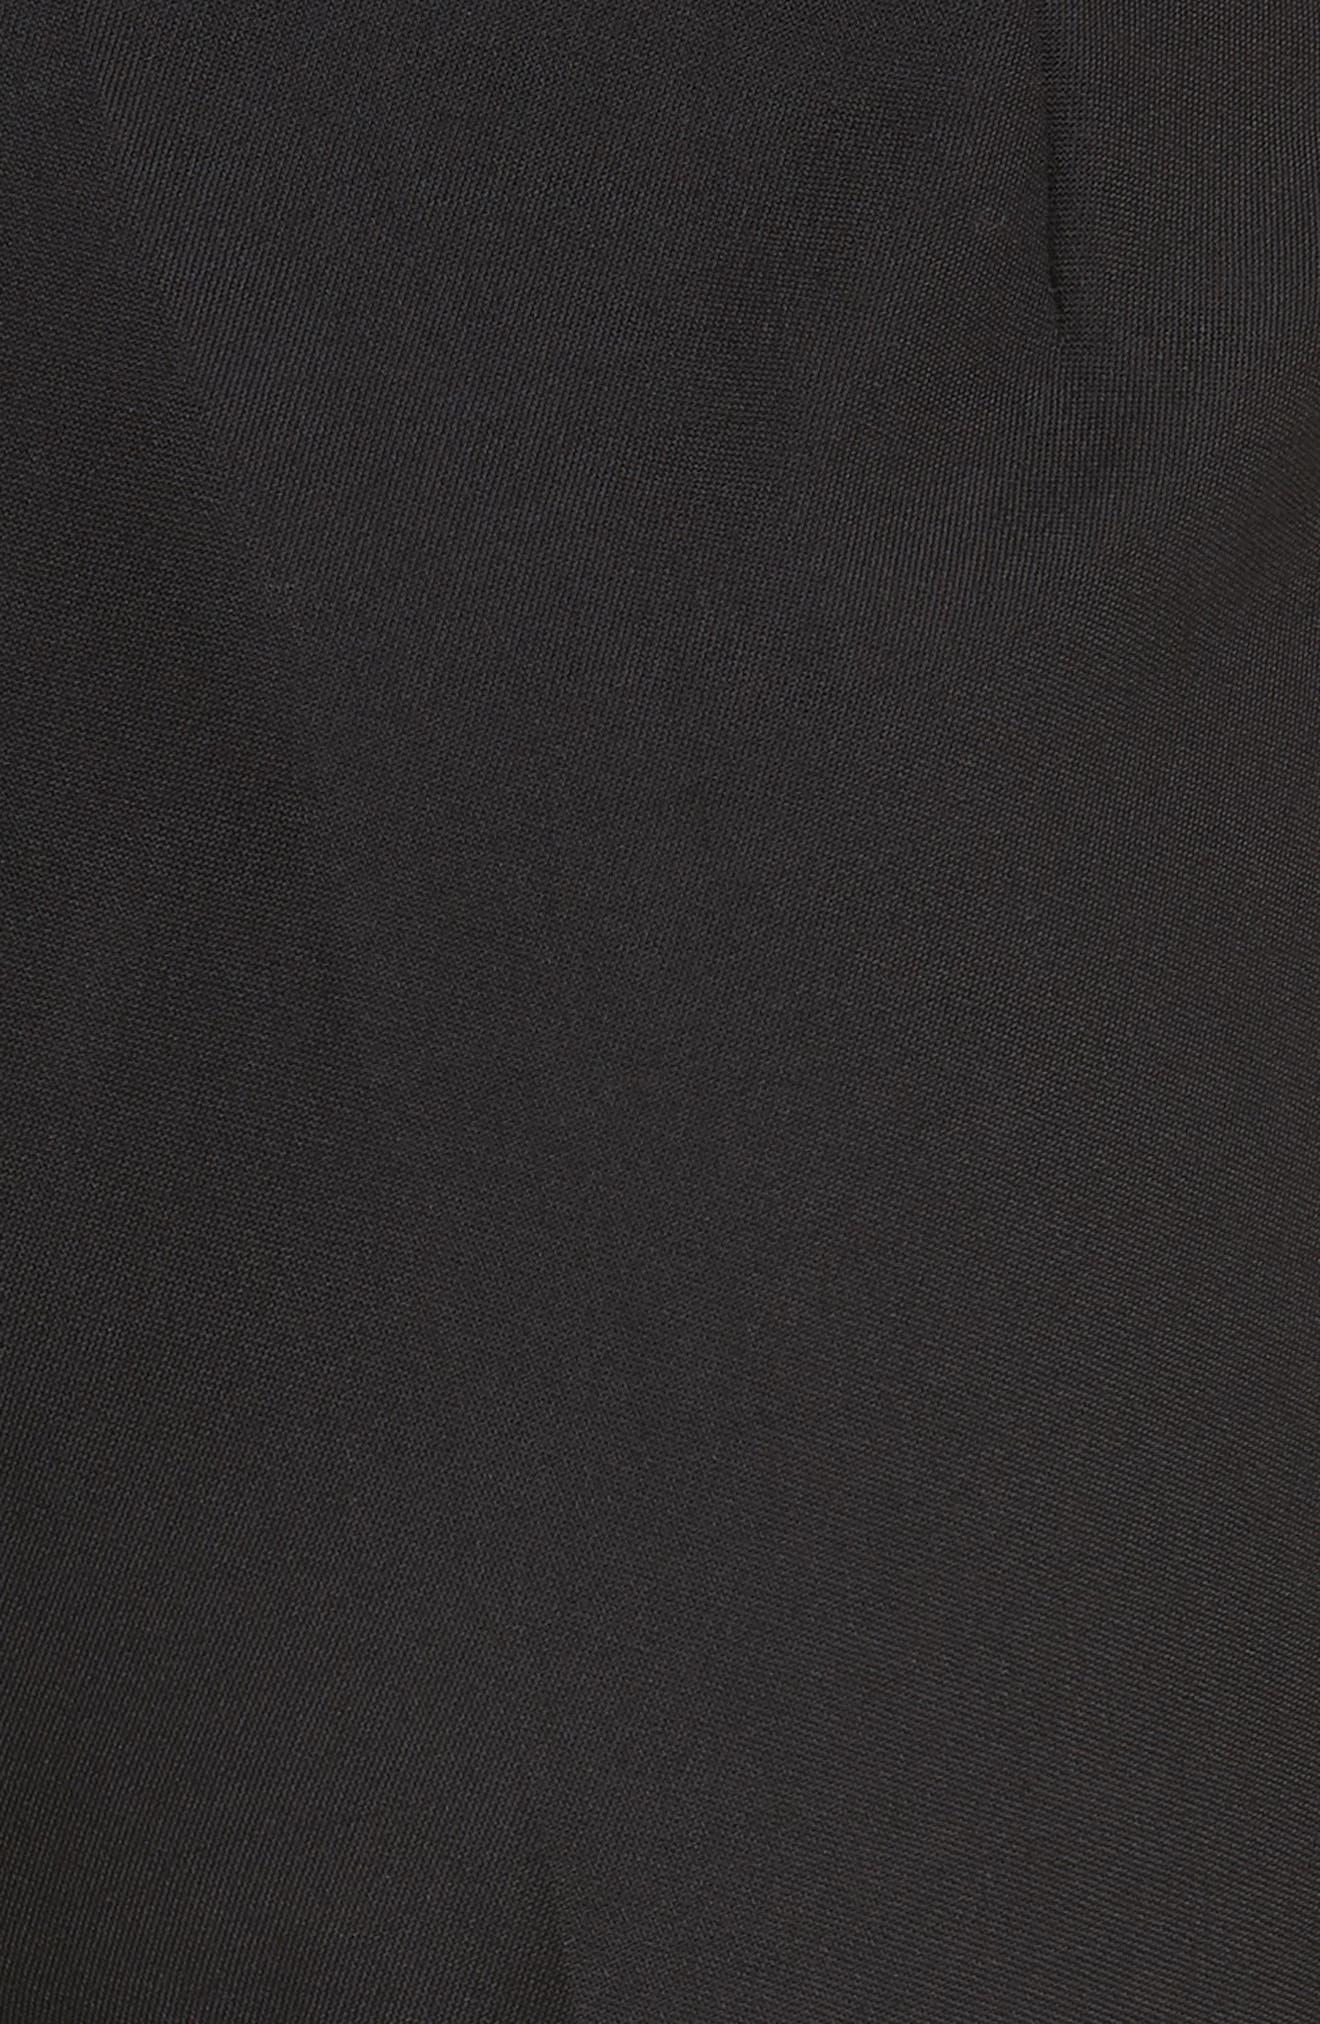 Satin Stripe Wool Crop Pants,                             Alternate thumbnail 5, color,                             POLO BLACK